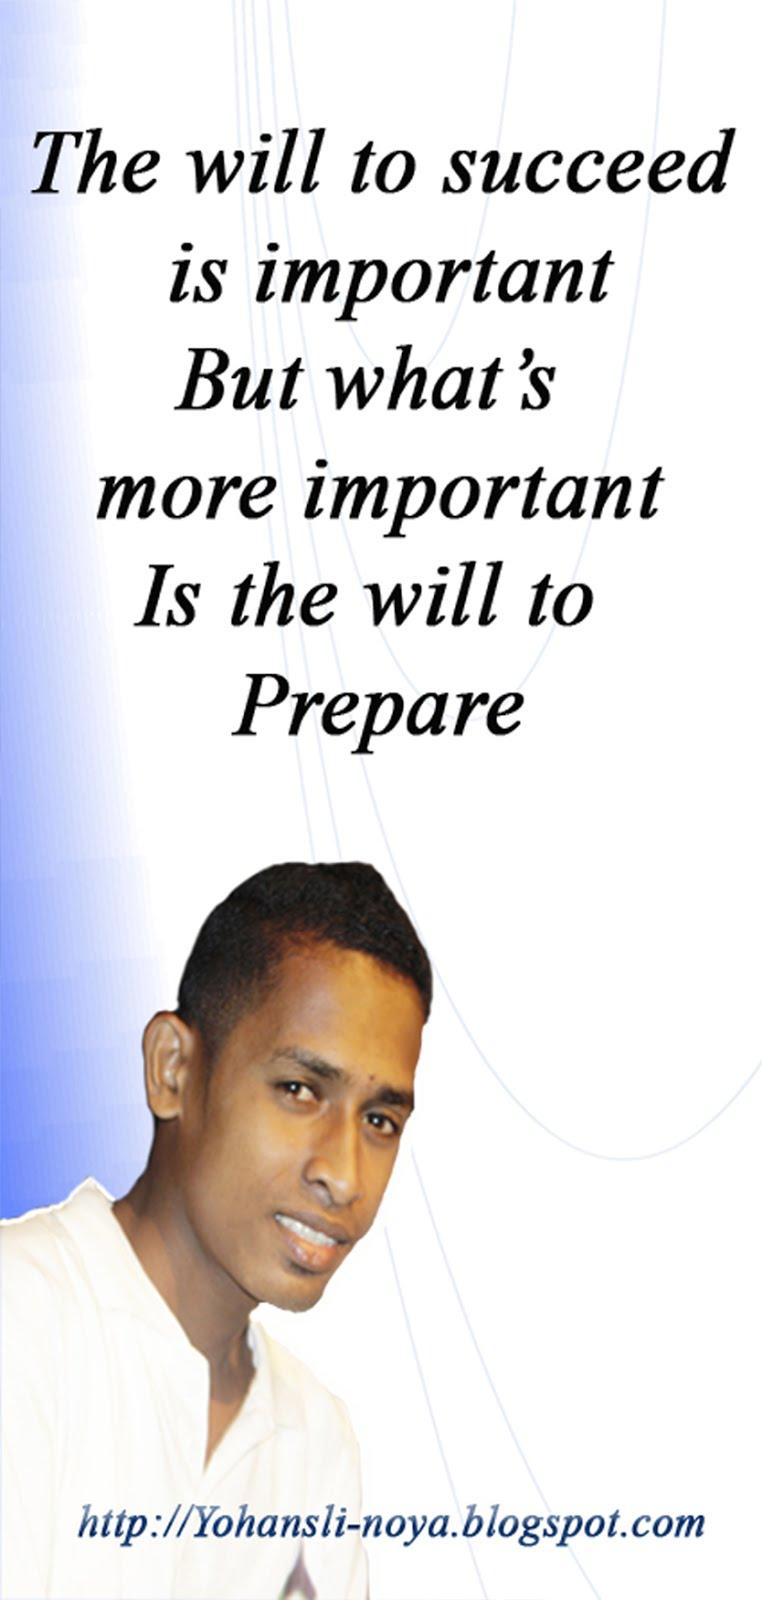 http://yohansli-noya@blgspot.com